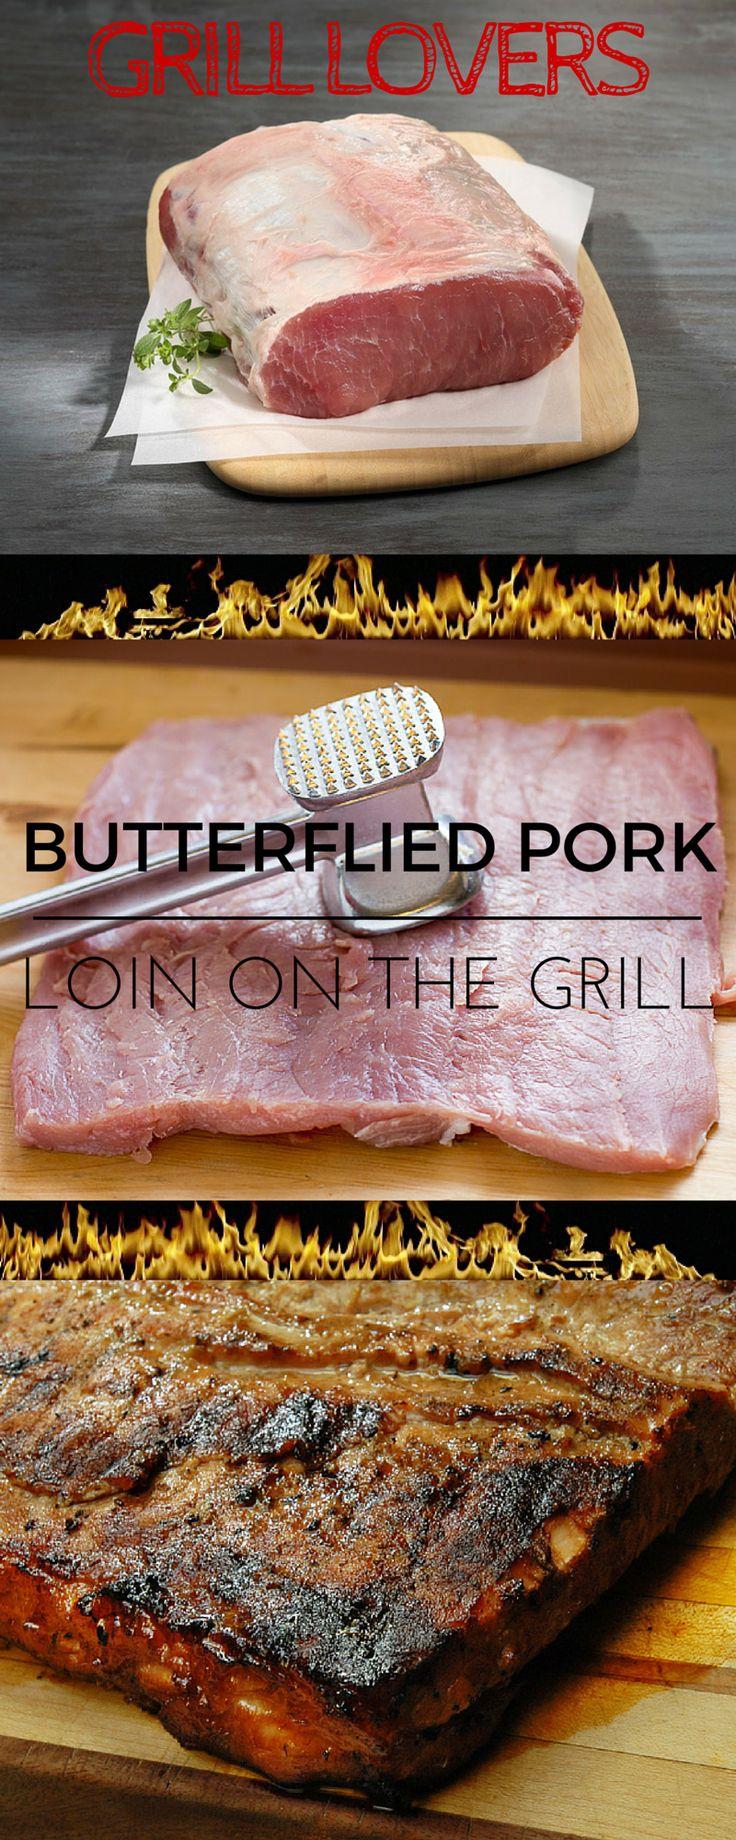 Butterflied Pork Loin On The Grill Recipe Servings 8